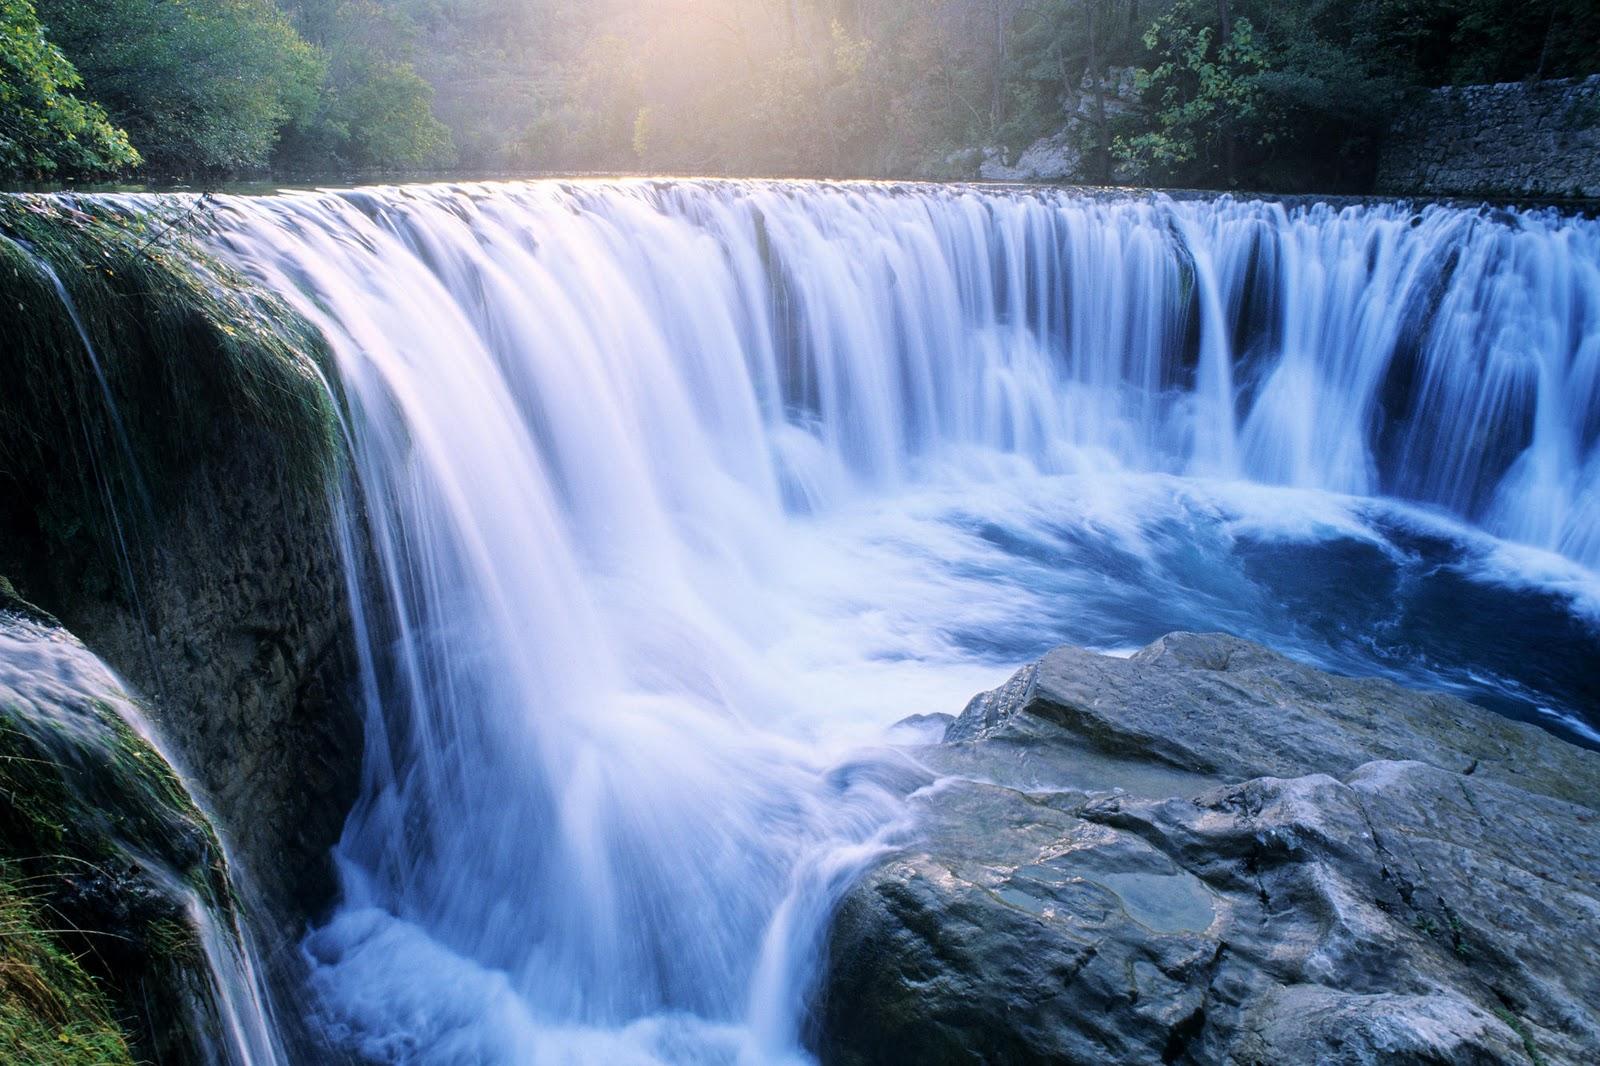 Fondos de Pantalla | Wallpapers: Fondo HD Paisaje con cascada